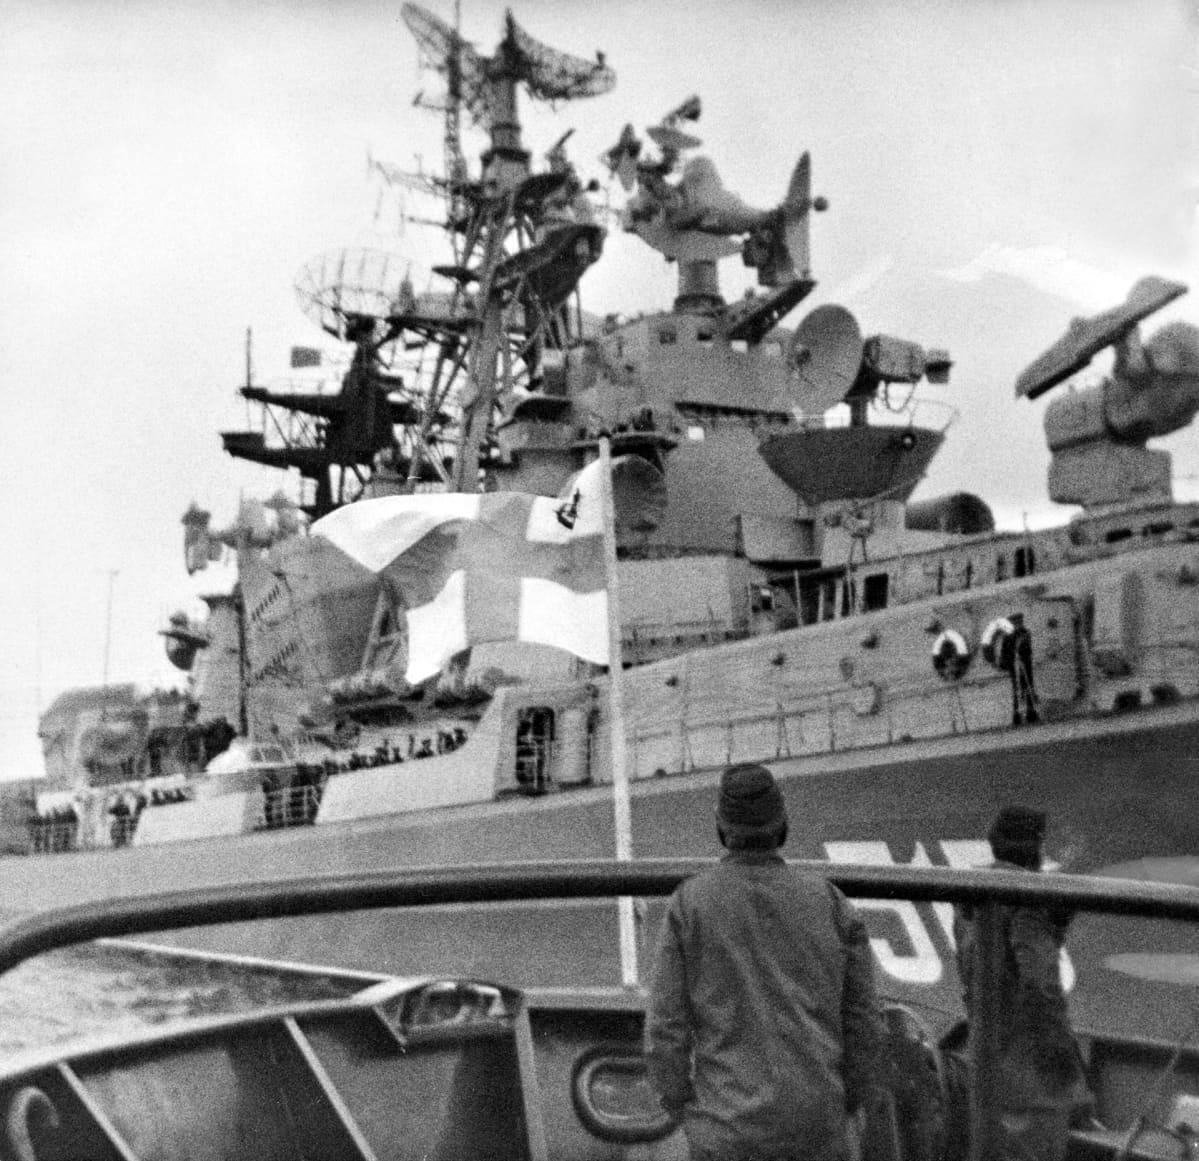 Neuvostoliittolainen sukellusvenehävittäjä Slavnyi Hangon edustalla.